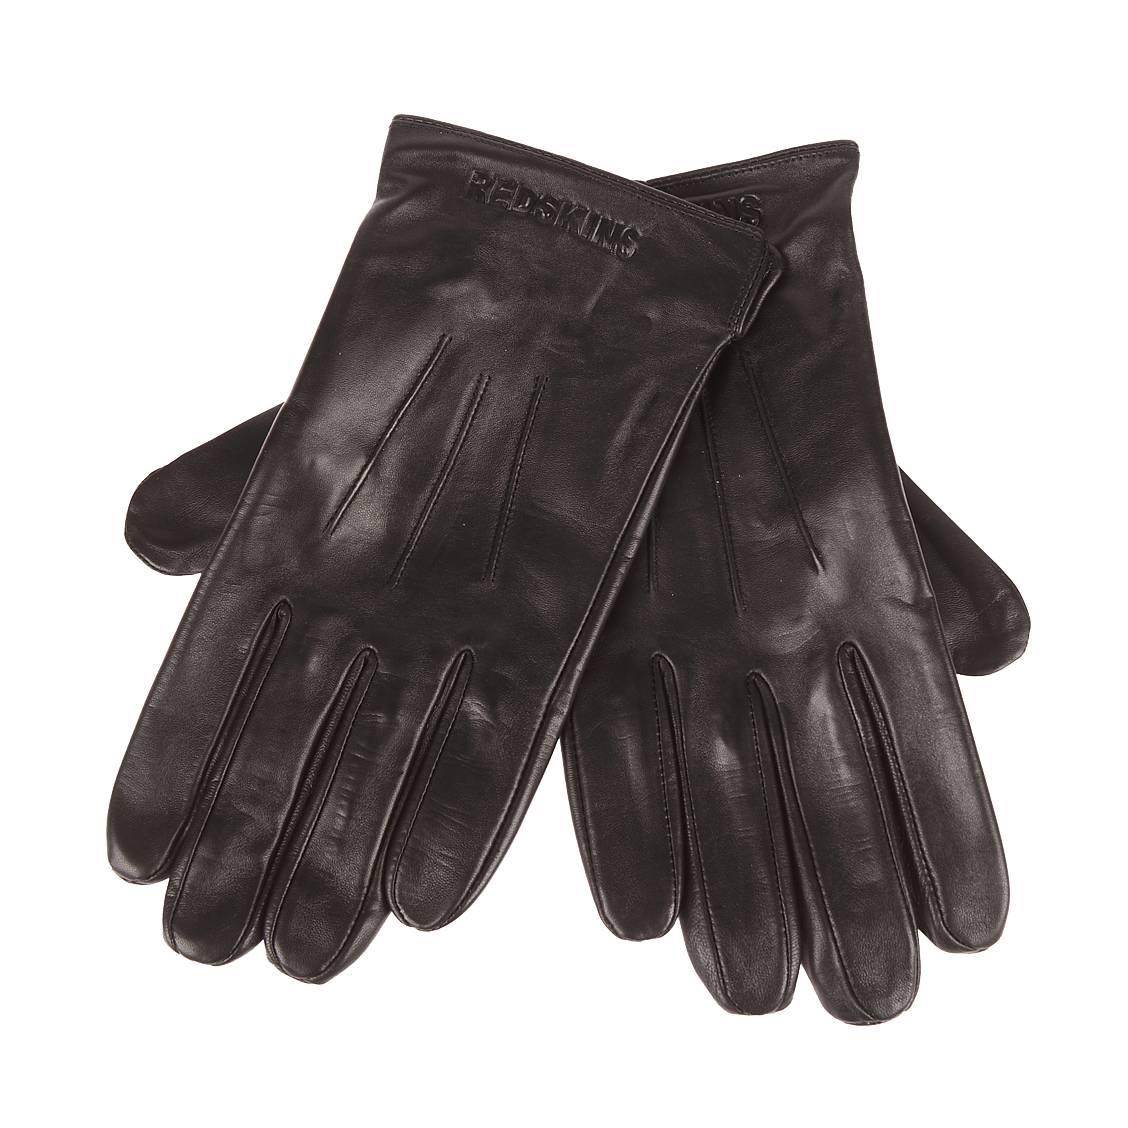 gants homme redskins jusqu 60 soldes deuxi me d marque. Black Bedroom Furniture Sets. Home Design Ideas